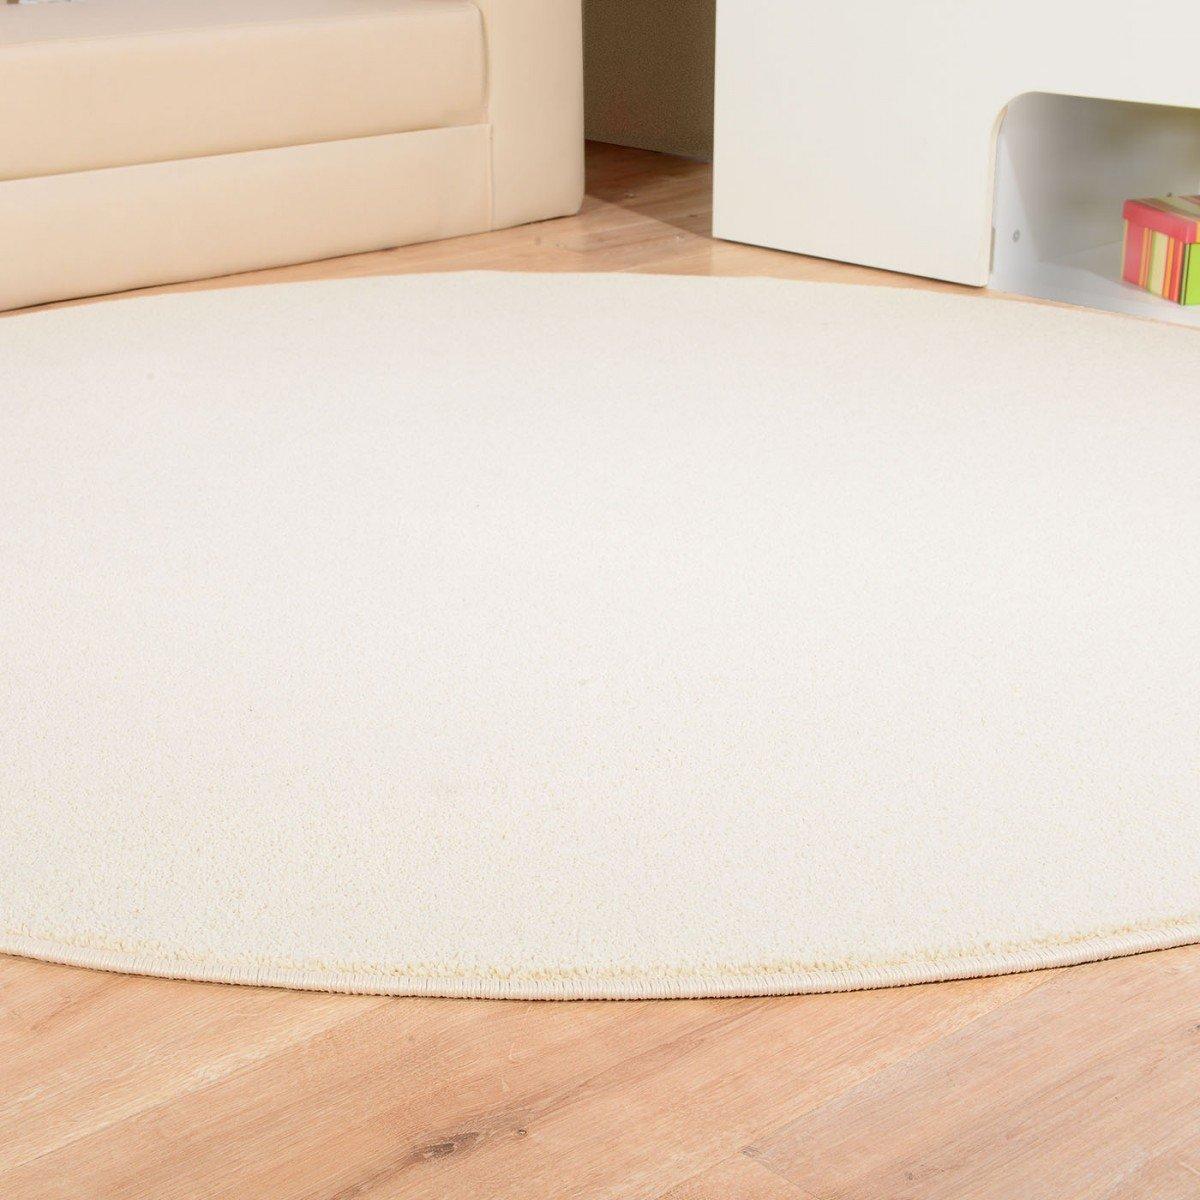 Havatex Teppich Kräusel Velour Velour Velour Burbon rund - 16 moderne sowie klassische Farben   schadstoffgeprüft pflegeleicht & robust   ideal für Wohnzimmer, Farbe Rot, Größe 180 cm rund B00VUMD8ZQ Teppiche d14114